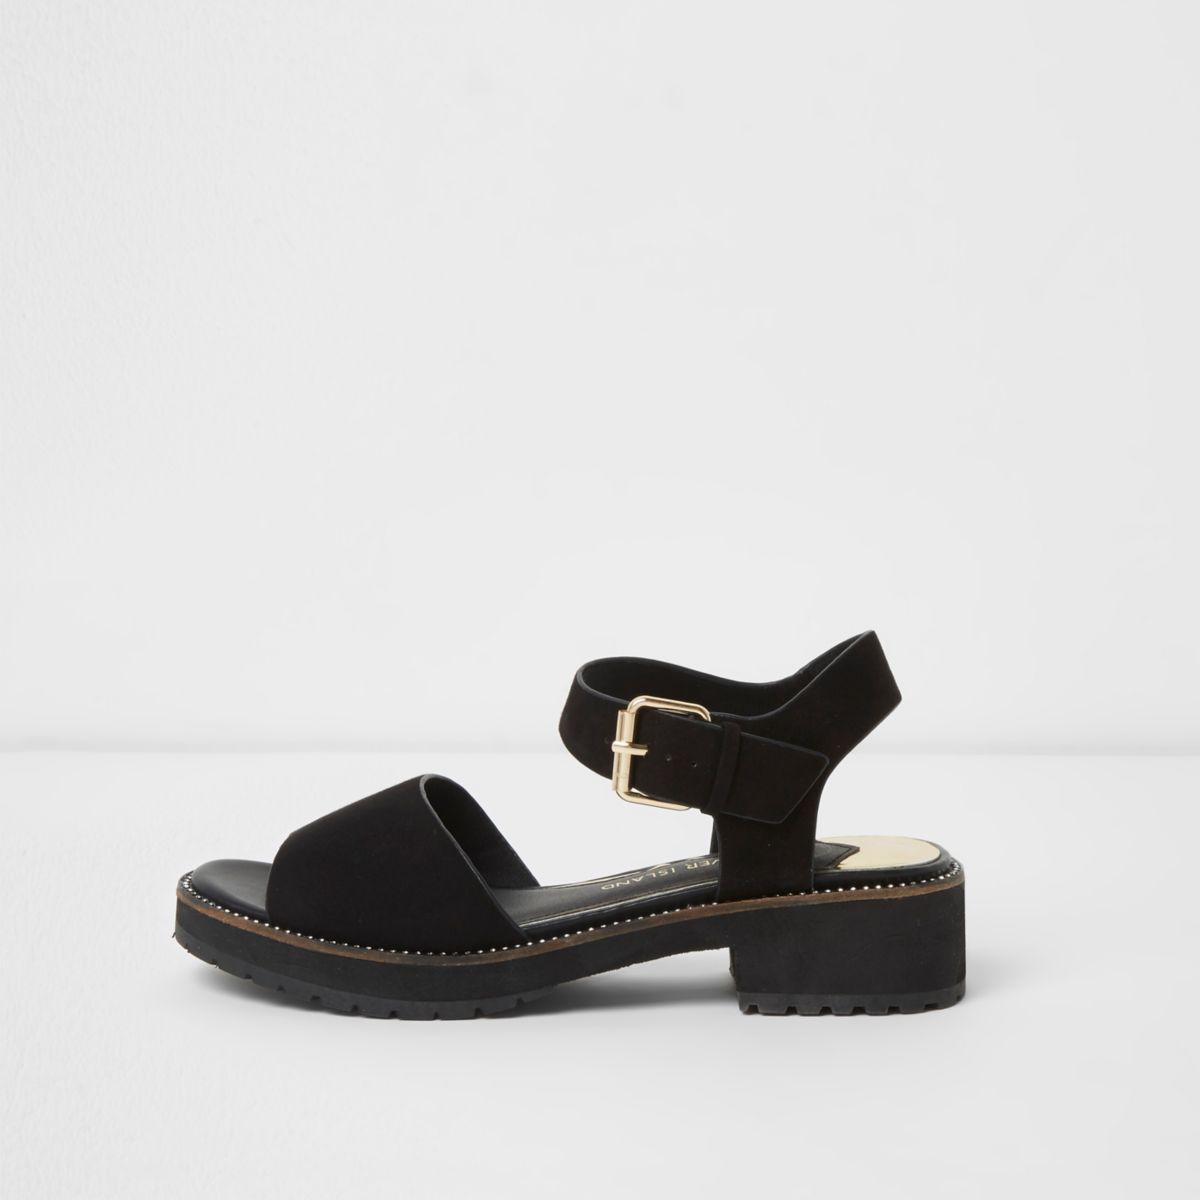 Zwarte sandalen met dikke zool en diamantjes